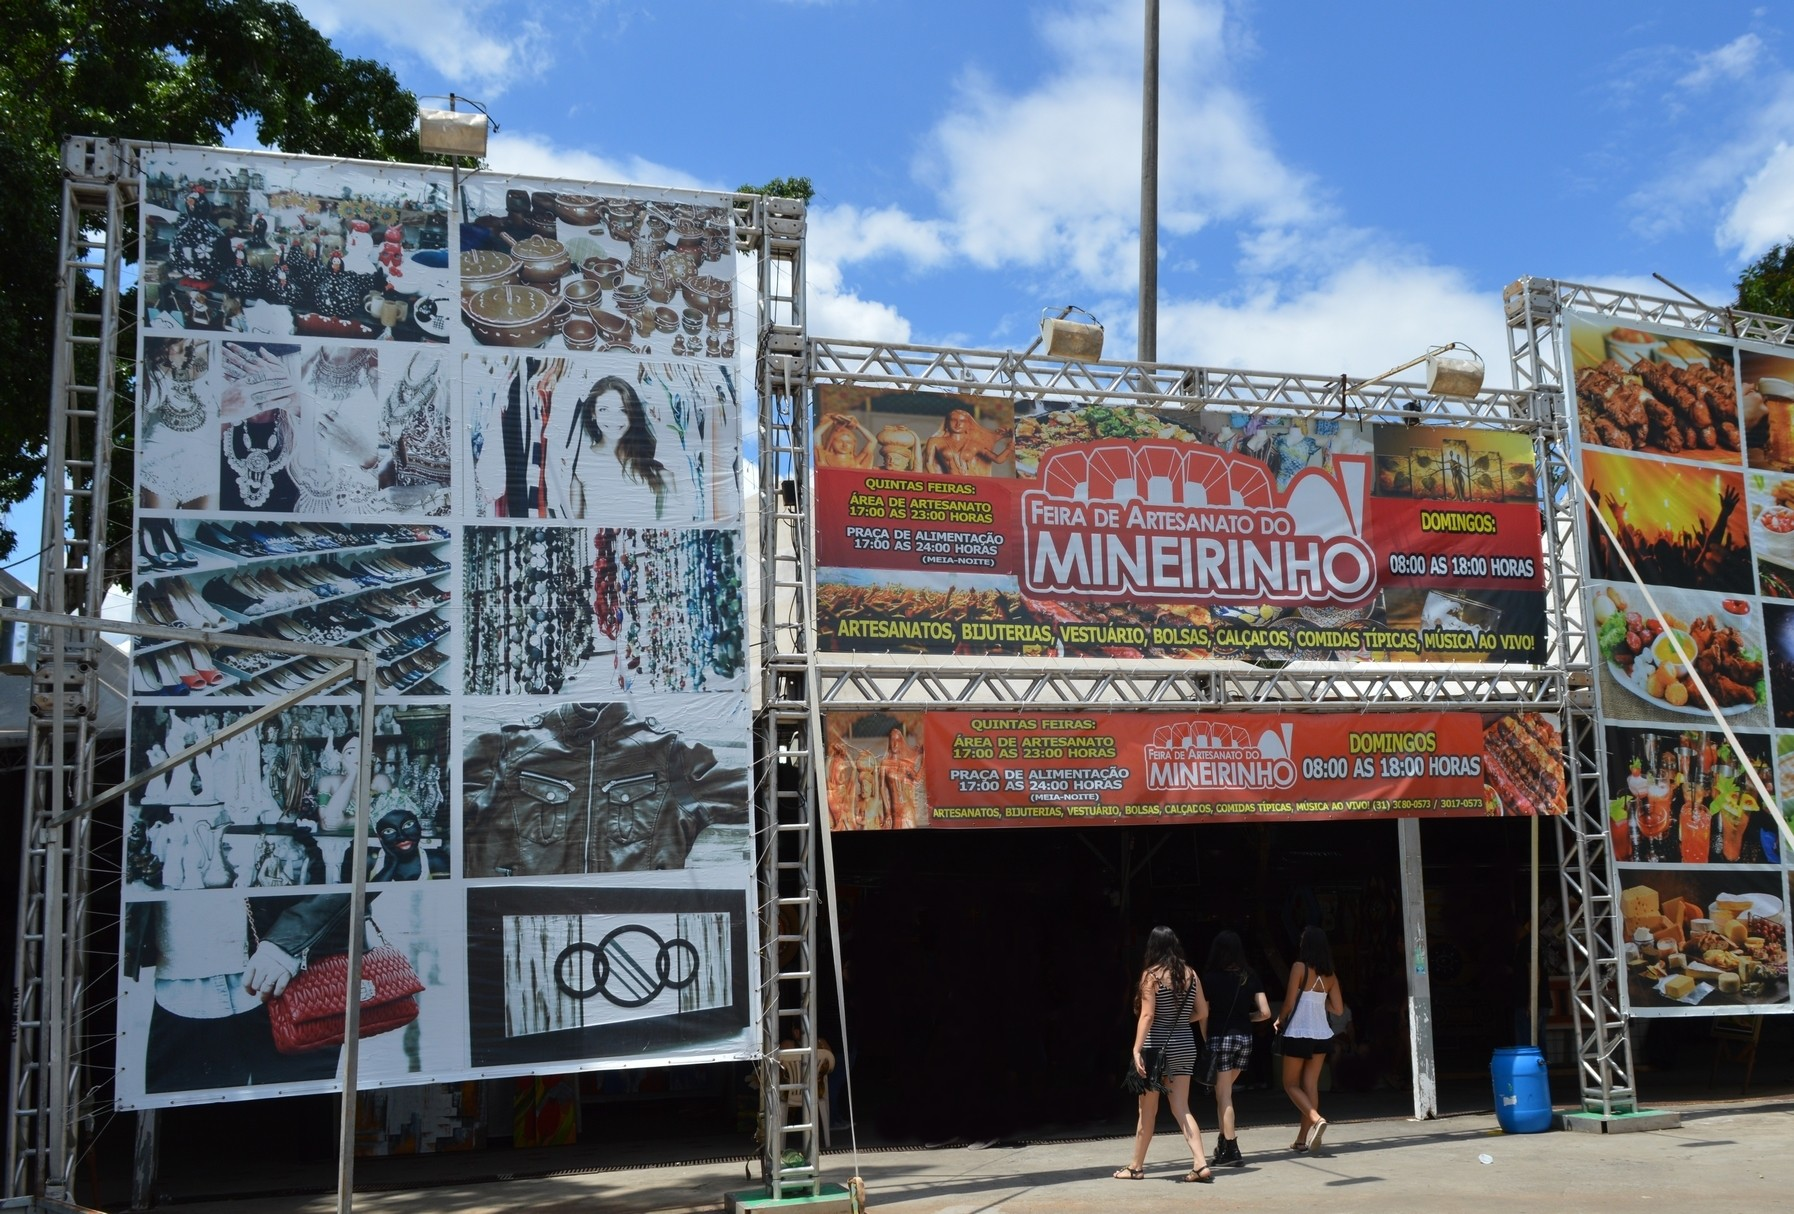 Depois de sete meses fechada, Feira de Artesanato do Mineirinho reabre em BH, neste domingo, com medidas sanitárias